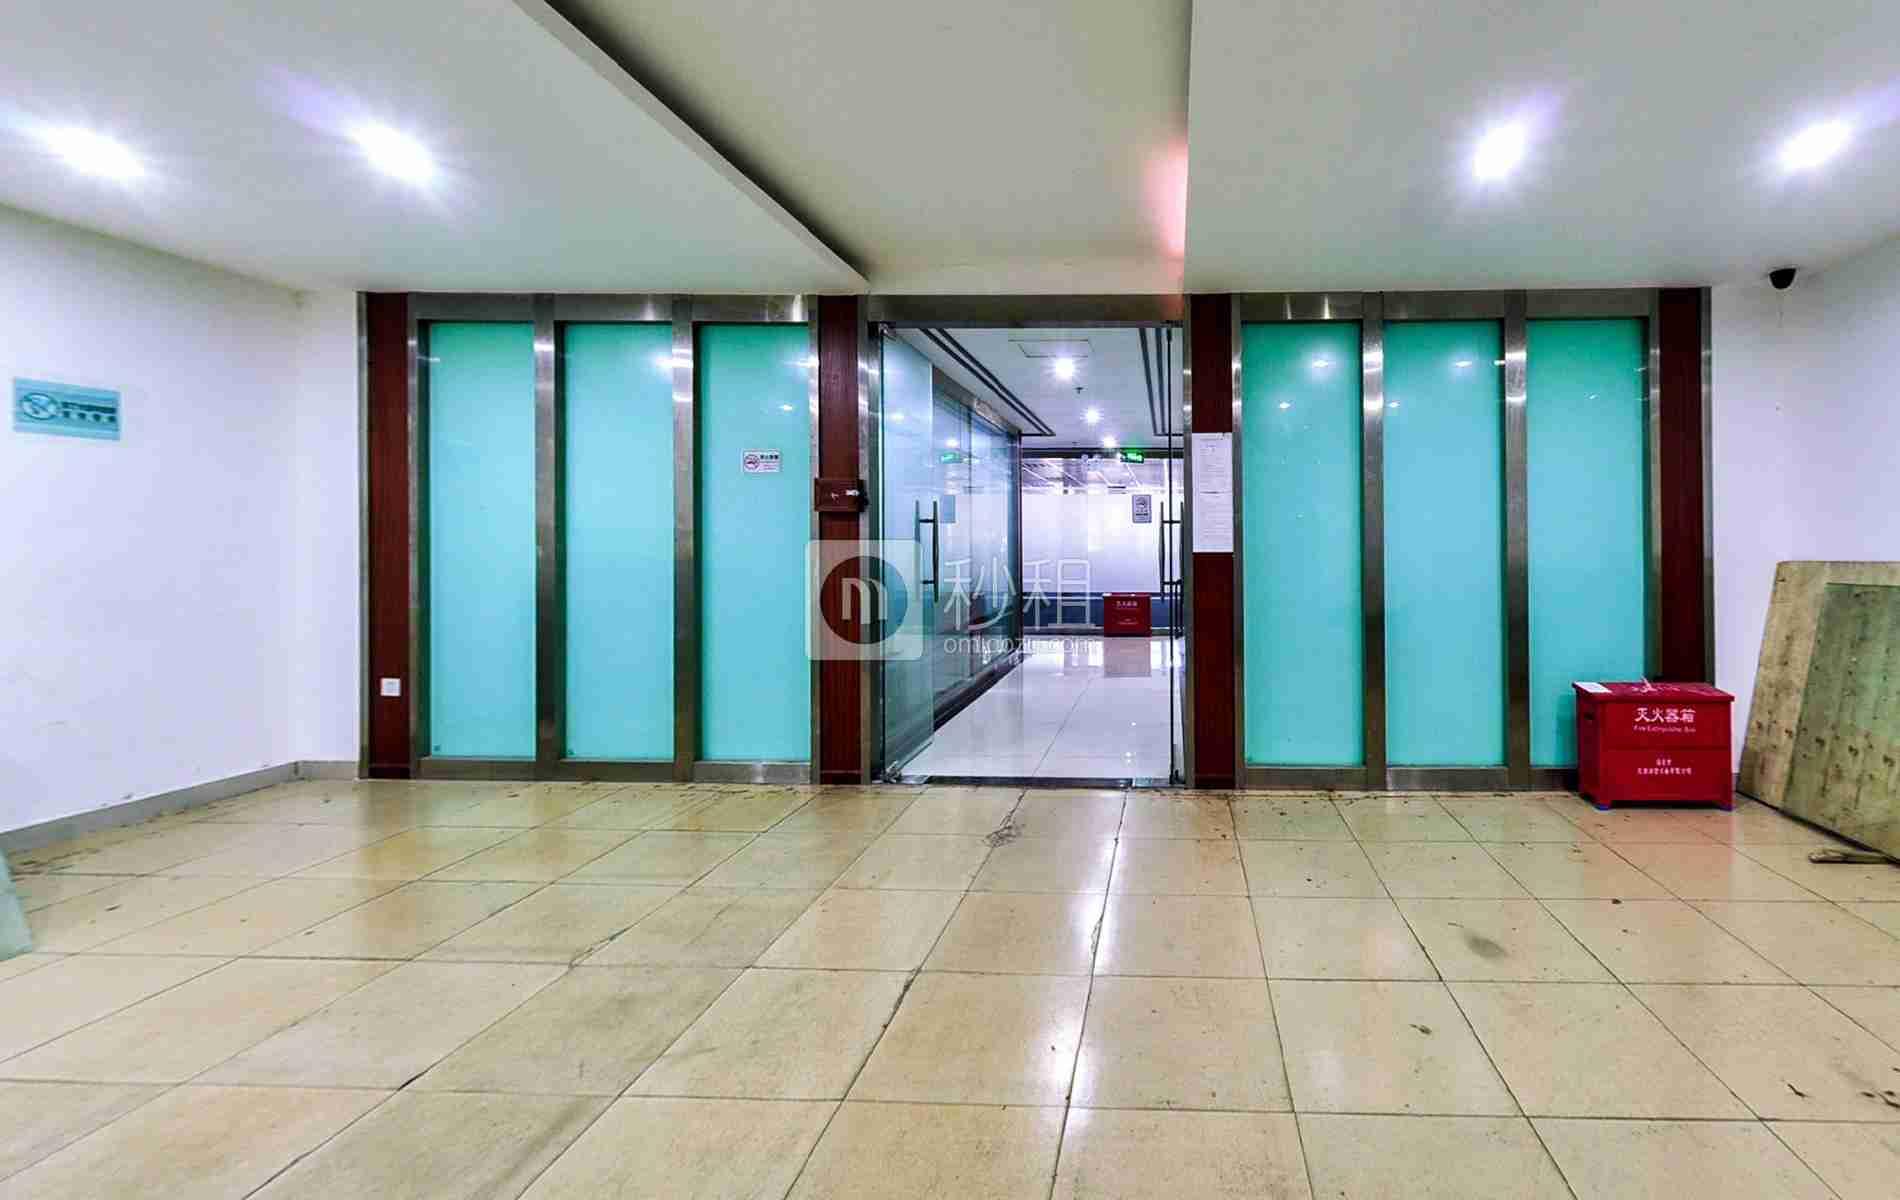 安华工业区写字楼出租/招租/租赁,安华工业区办公室出租/招租/租赁